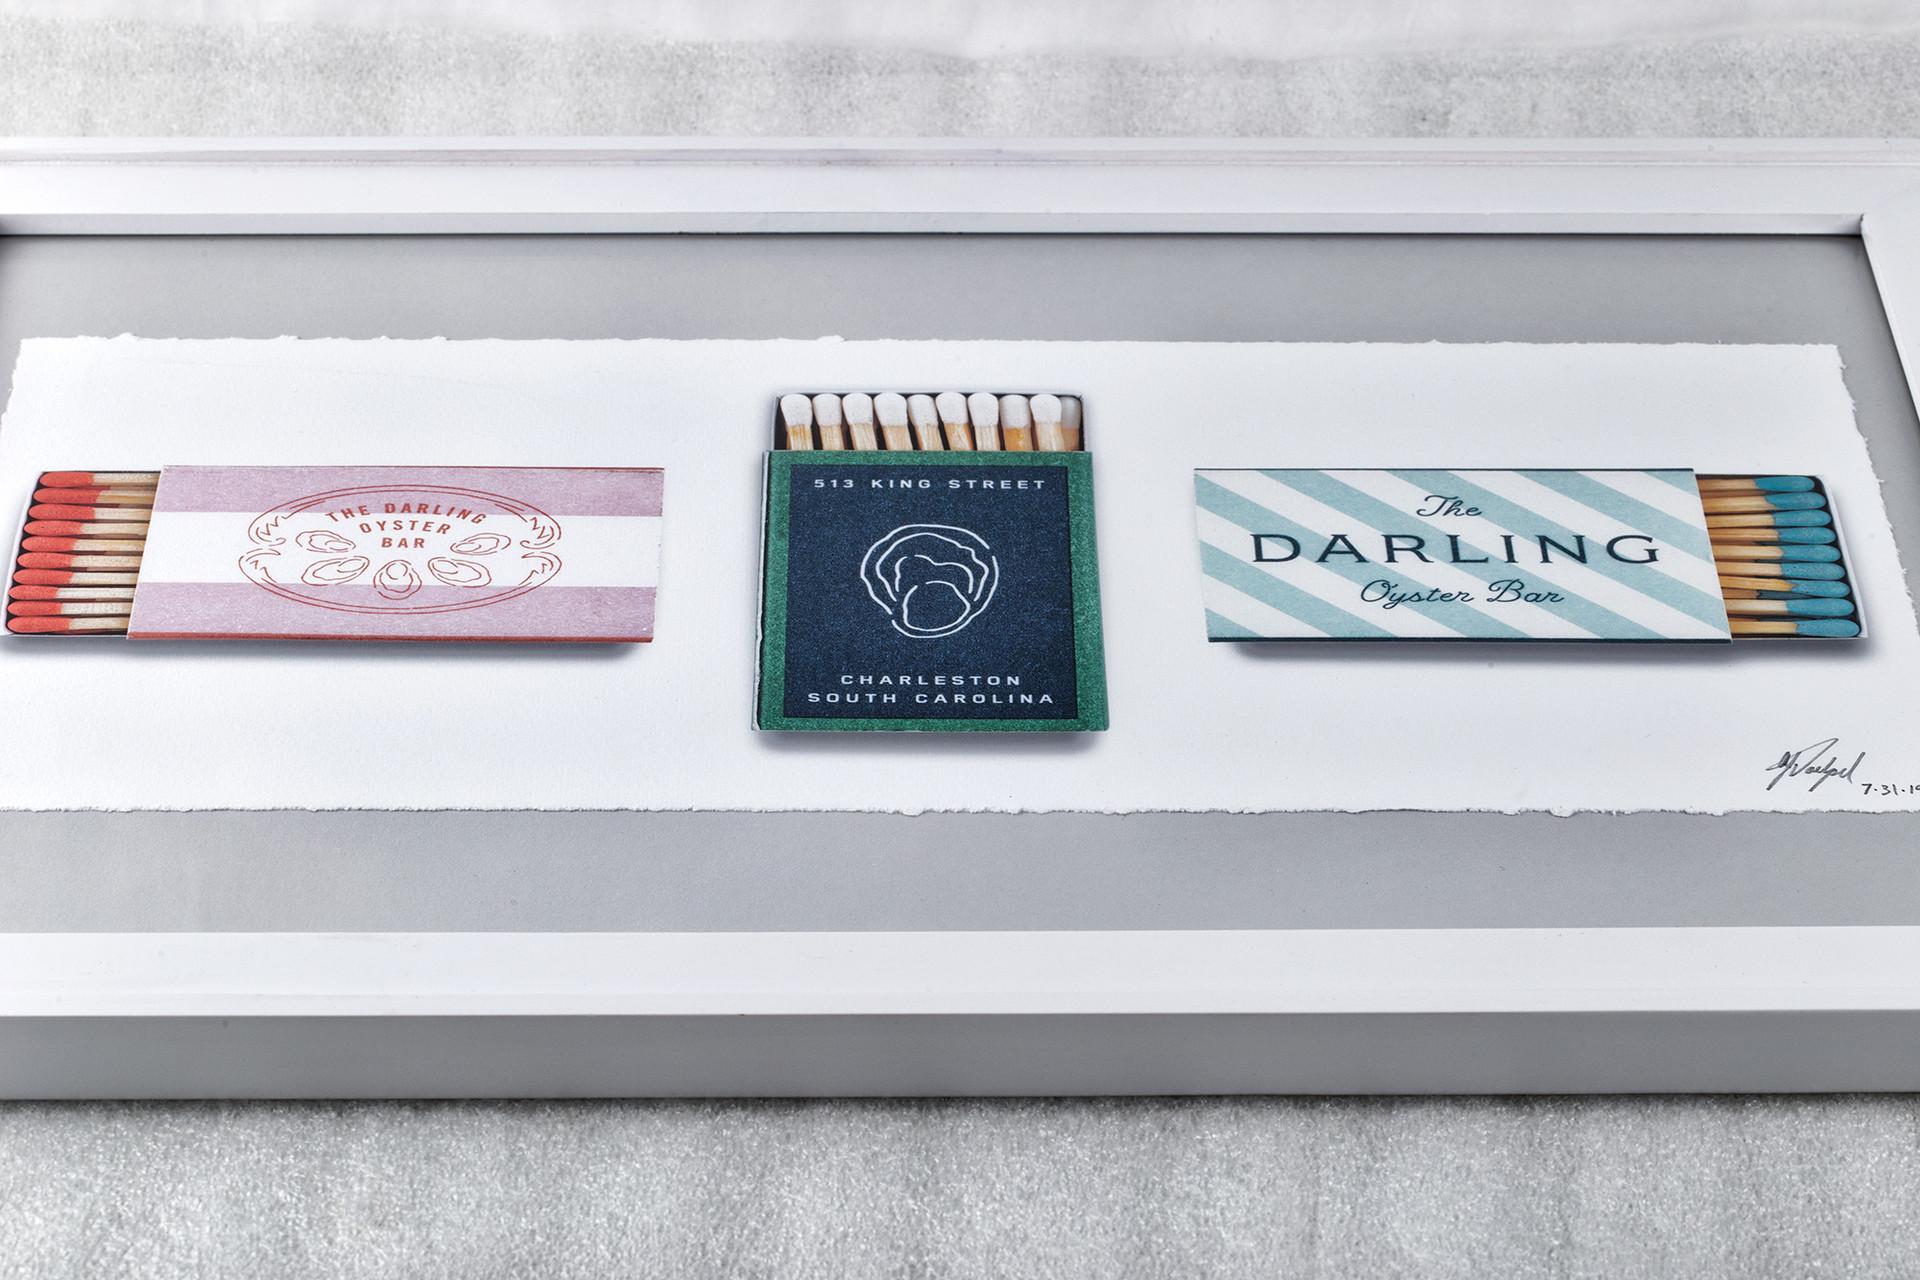 darling-oyster-bar-art-framed-1.jpg